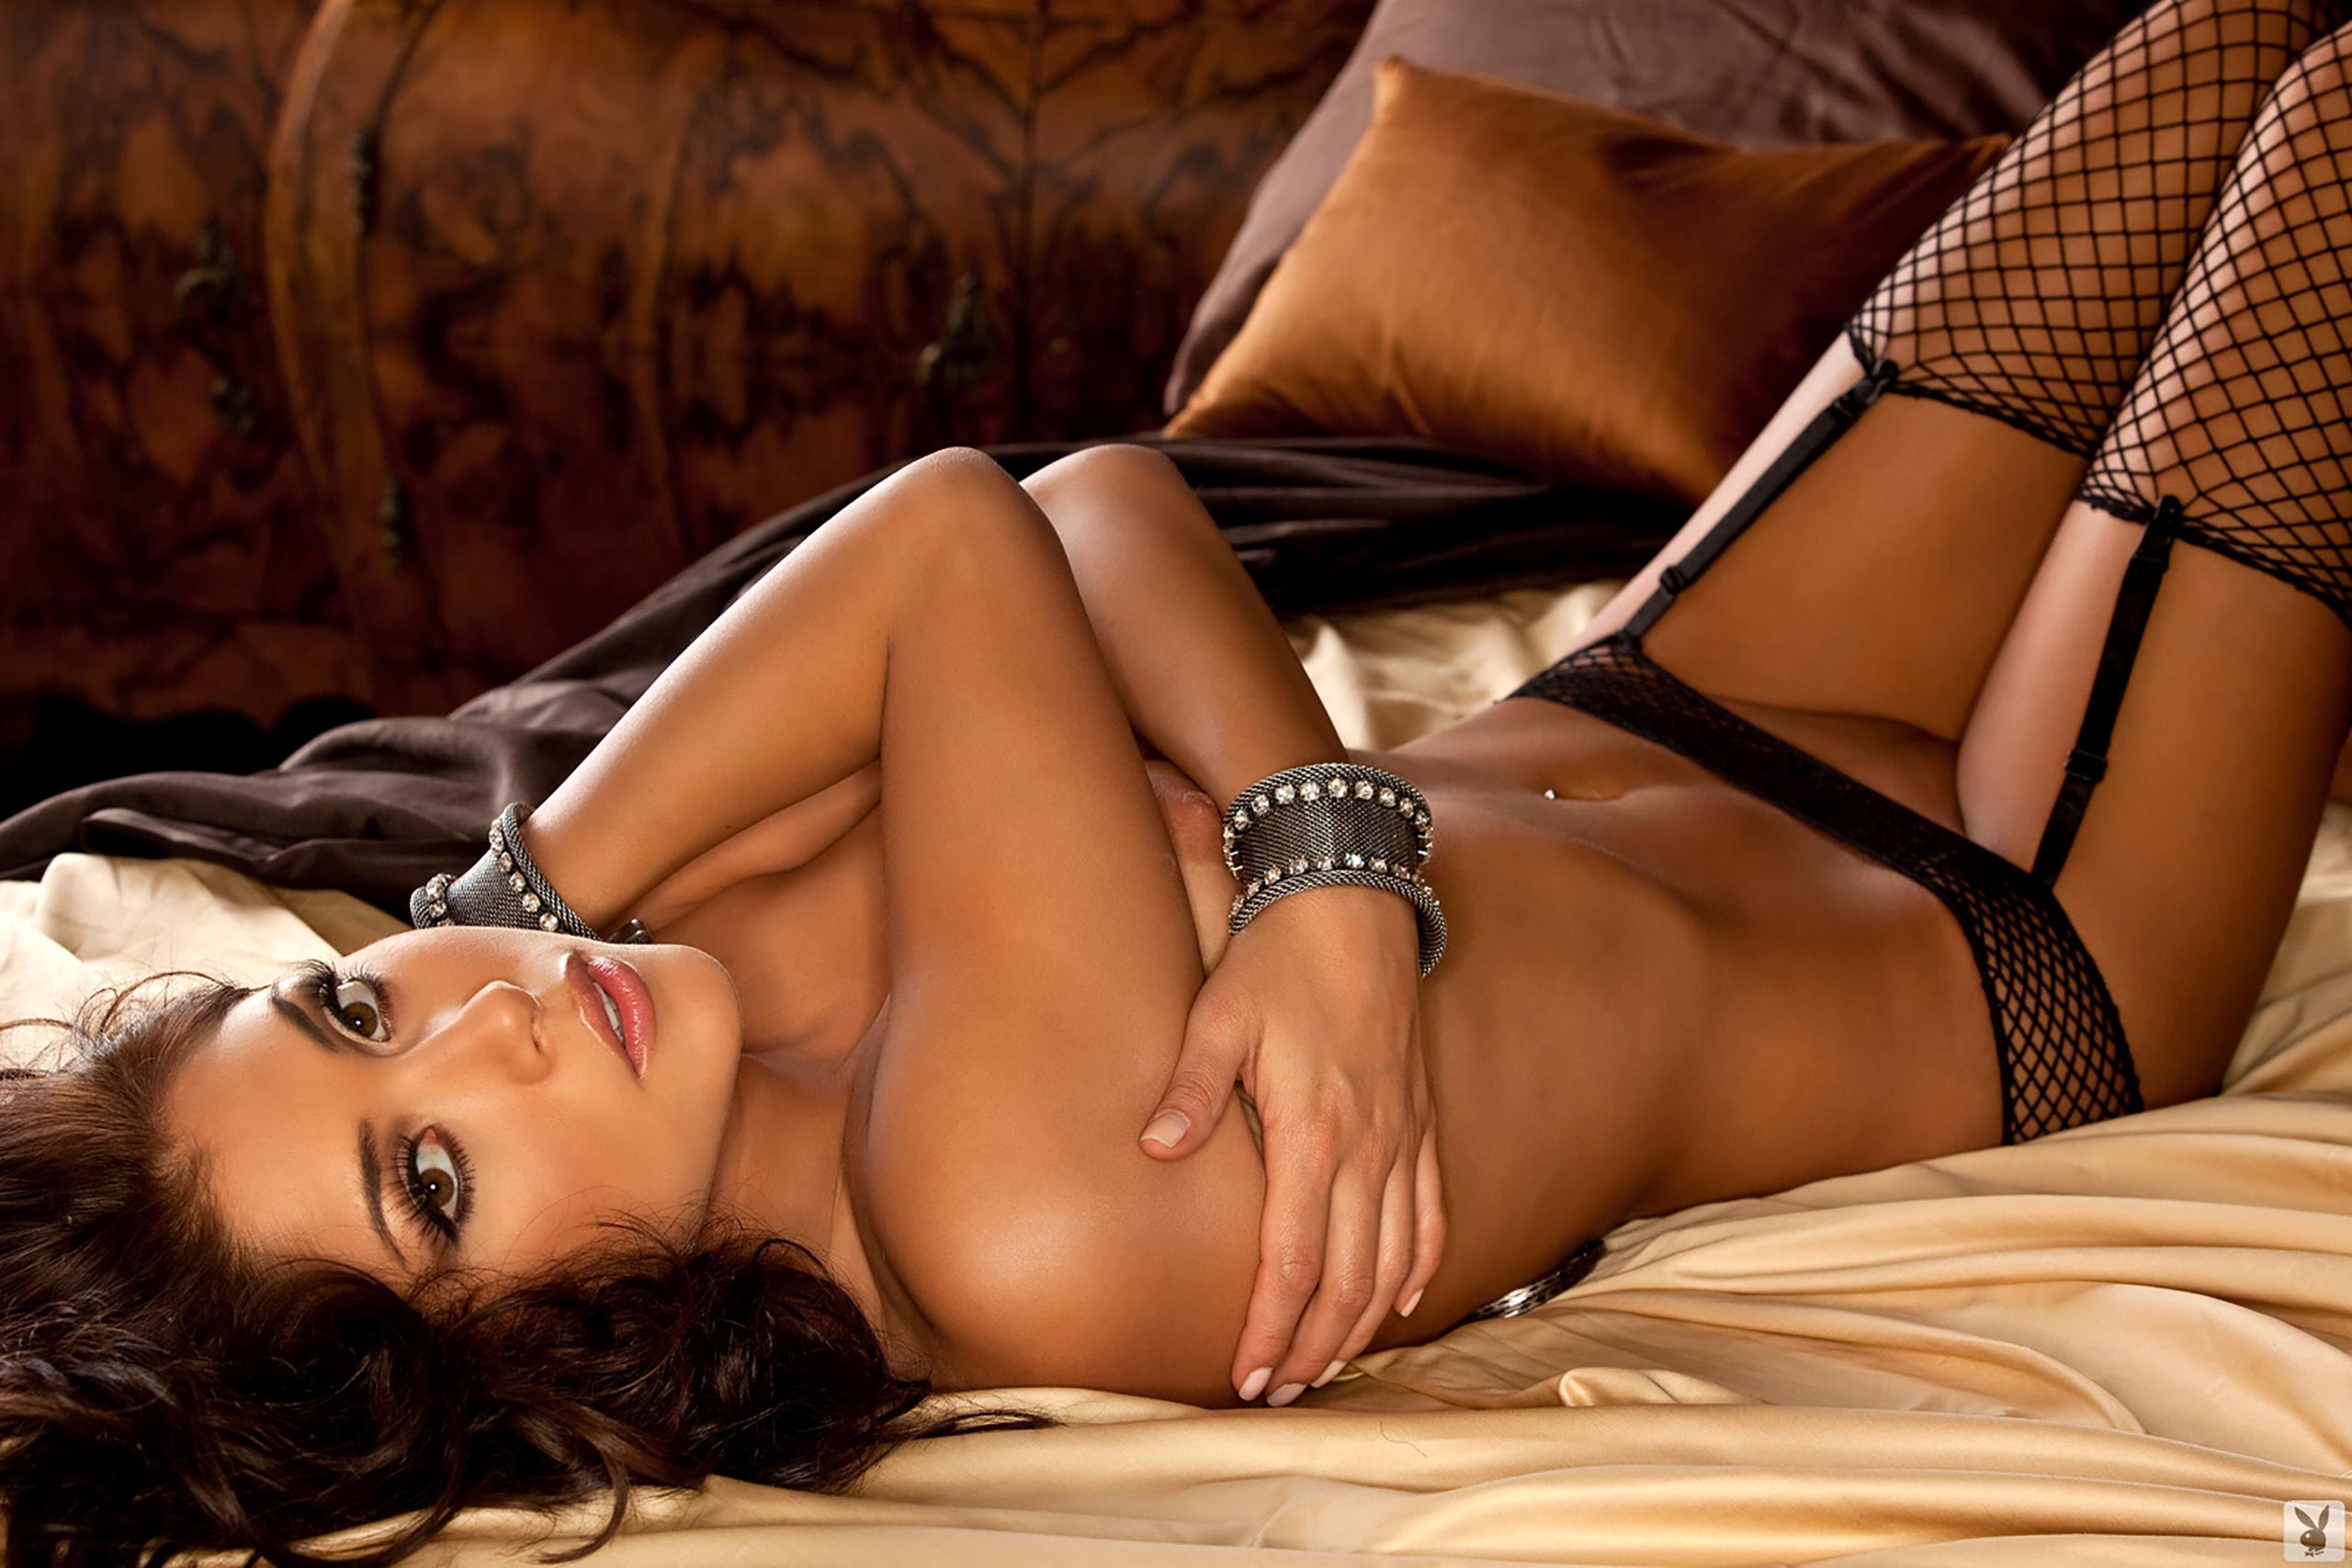 Секси фото самые красивые девушки 14 фотография